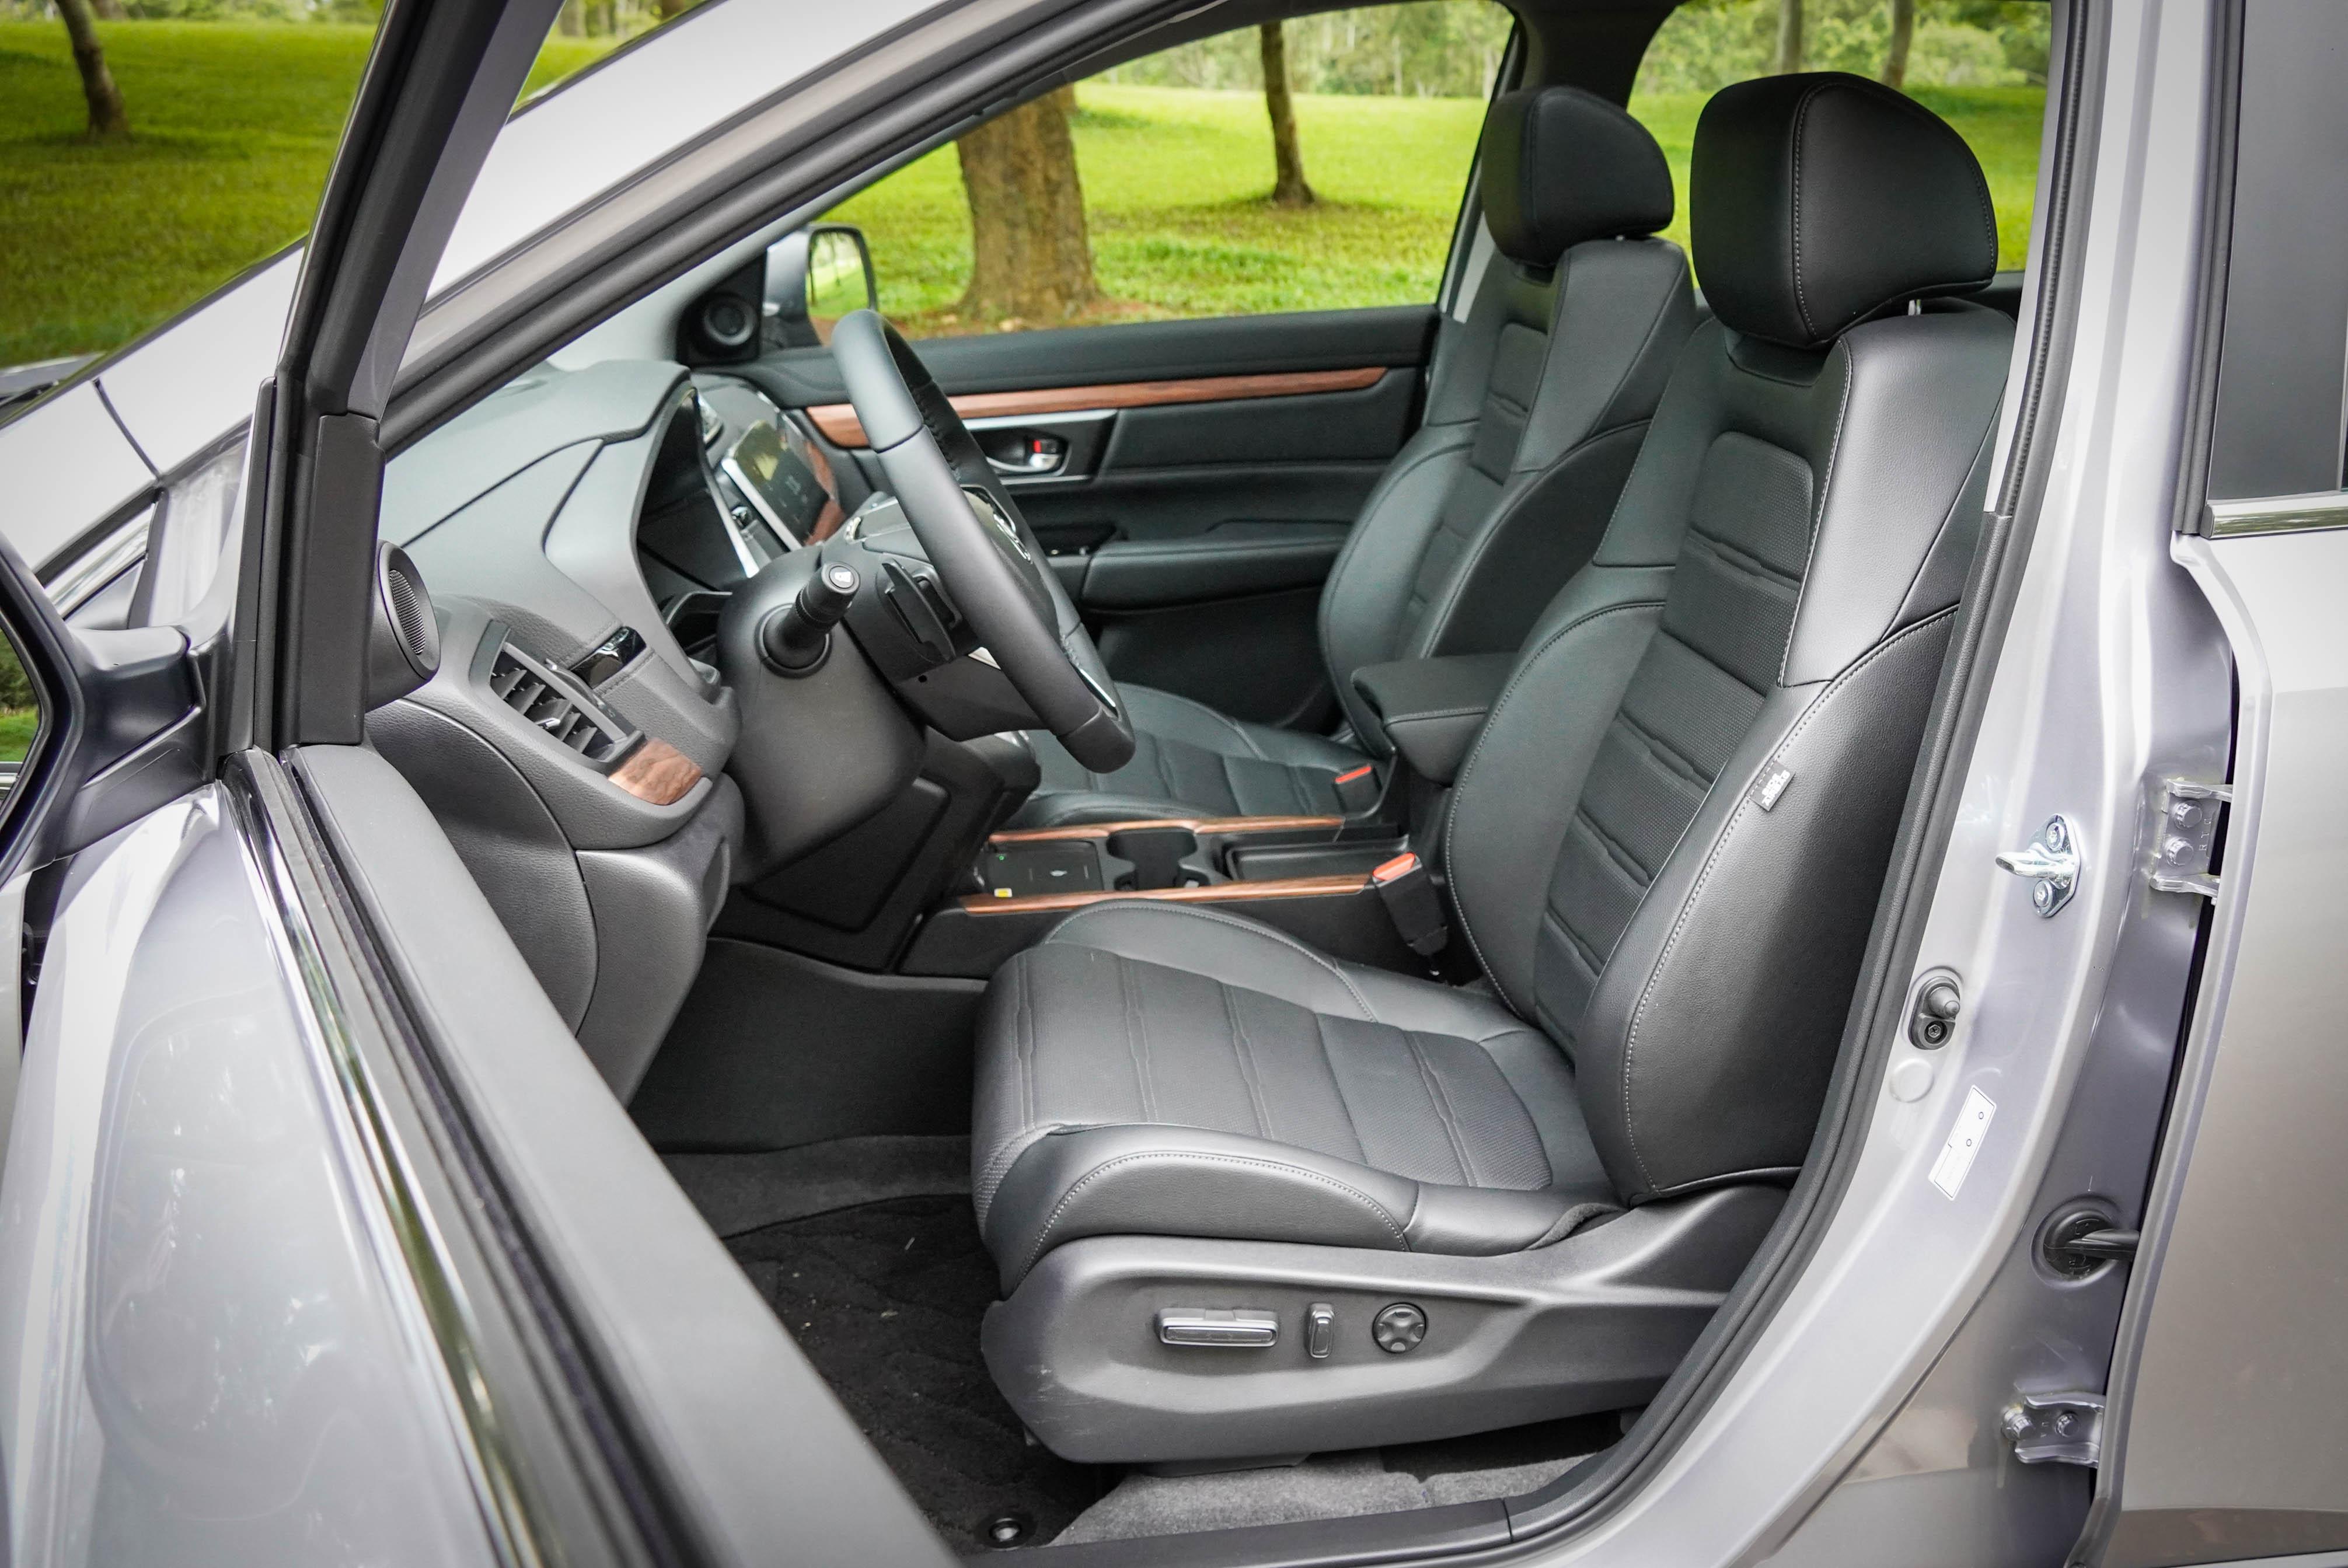 駕駛座 12 向電動座椅調整、副駕駛座4 向電動座椅調整為 S 車型配備。